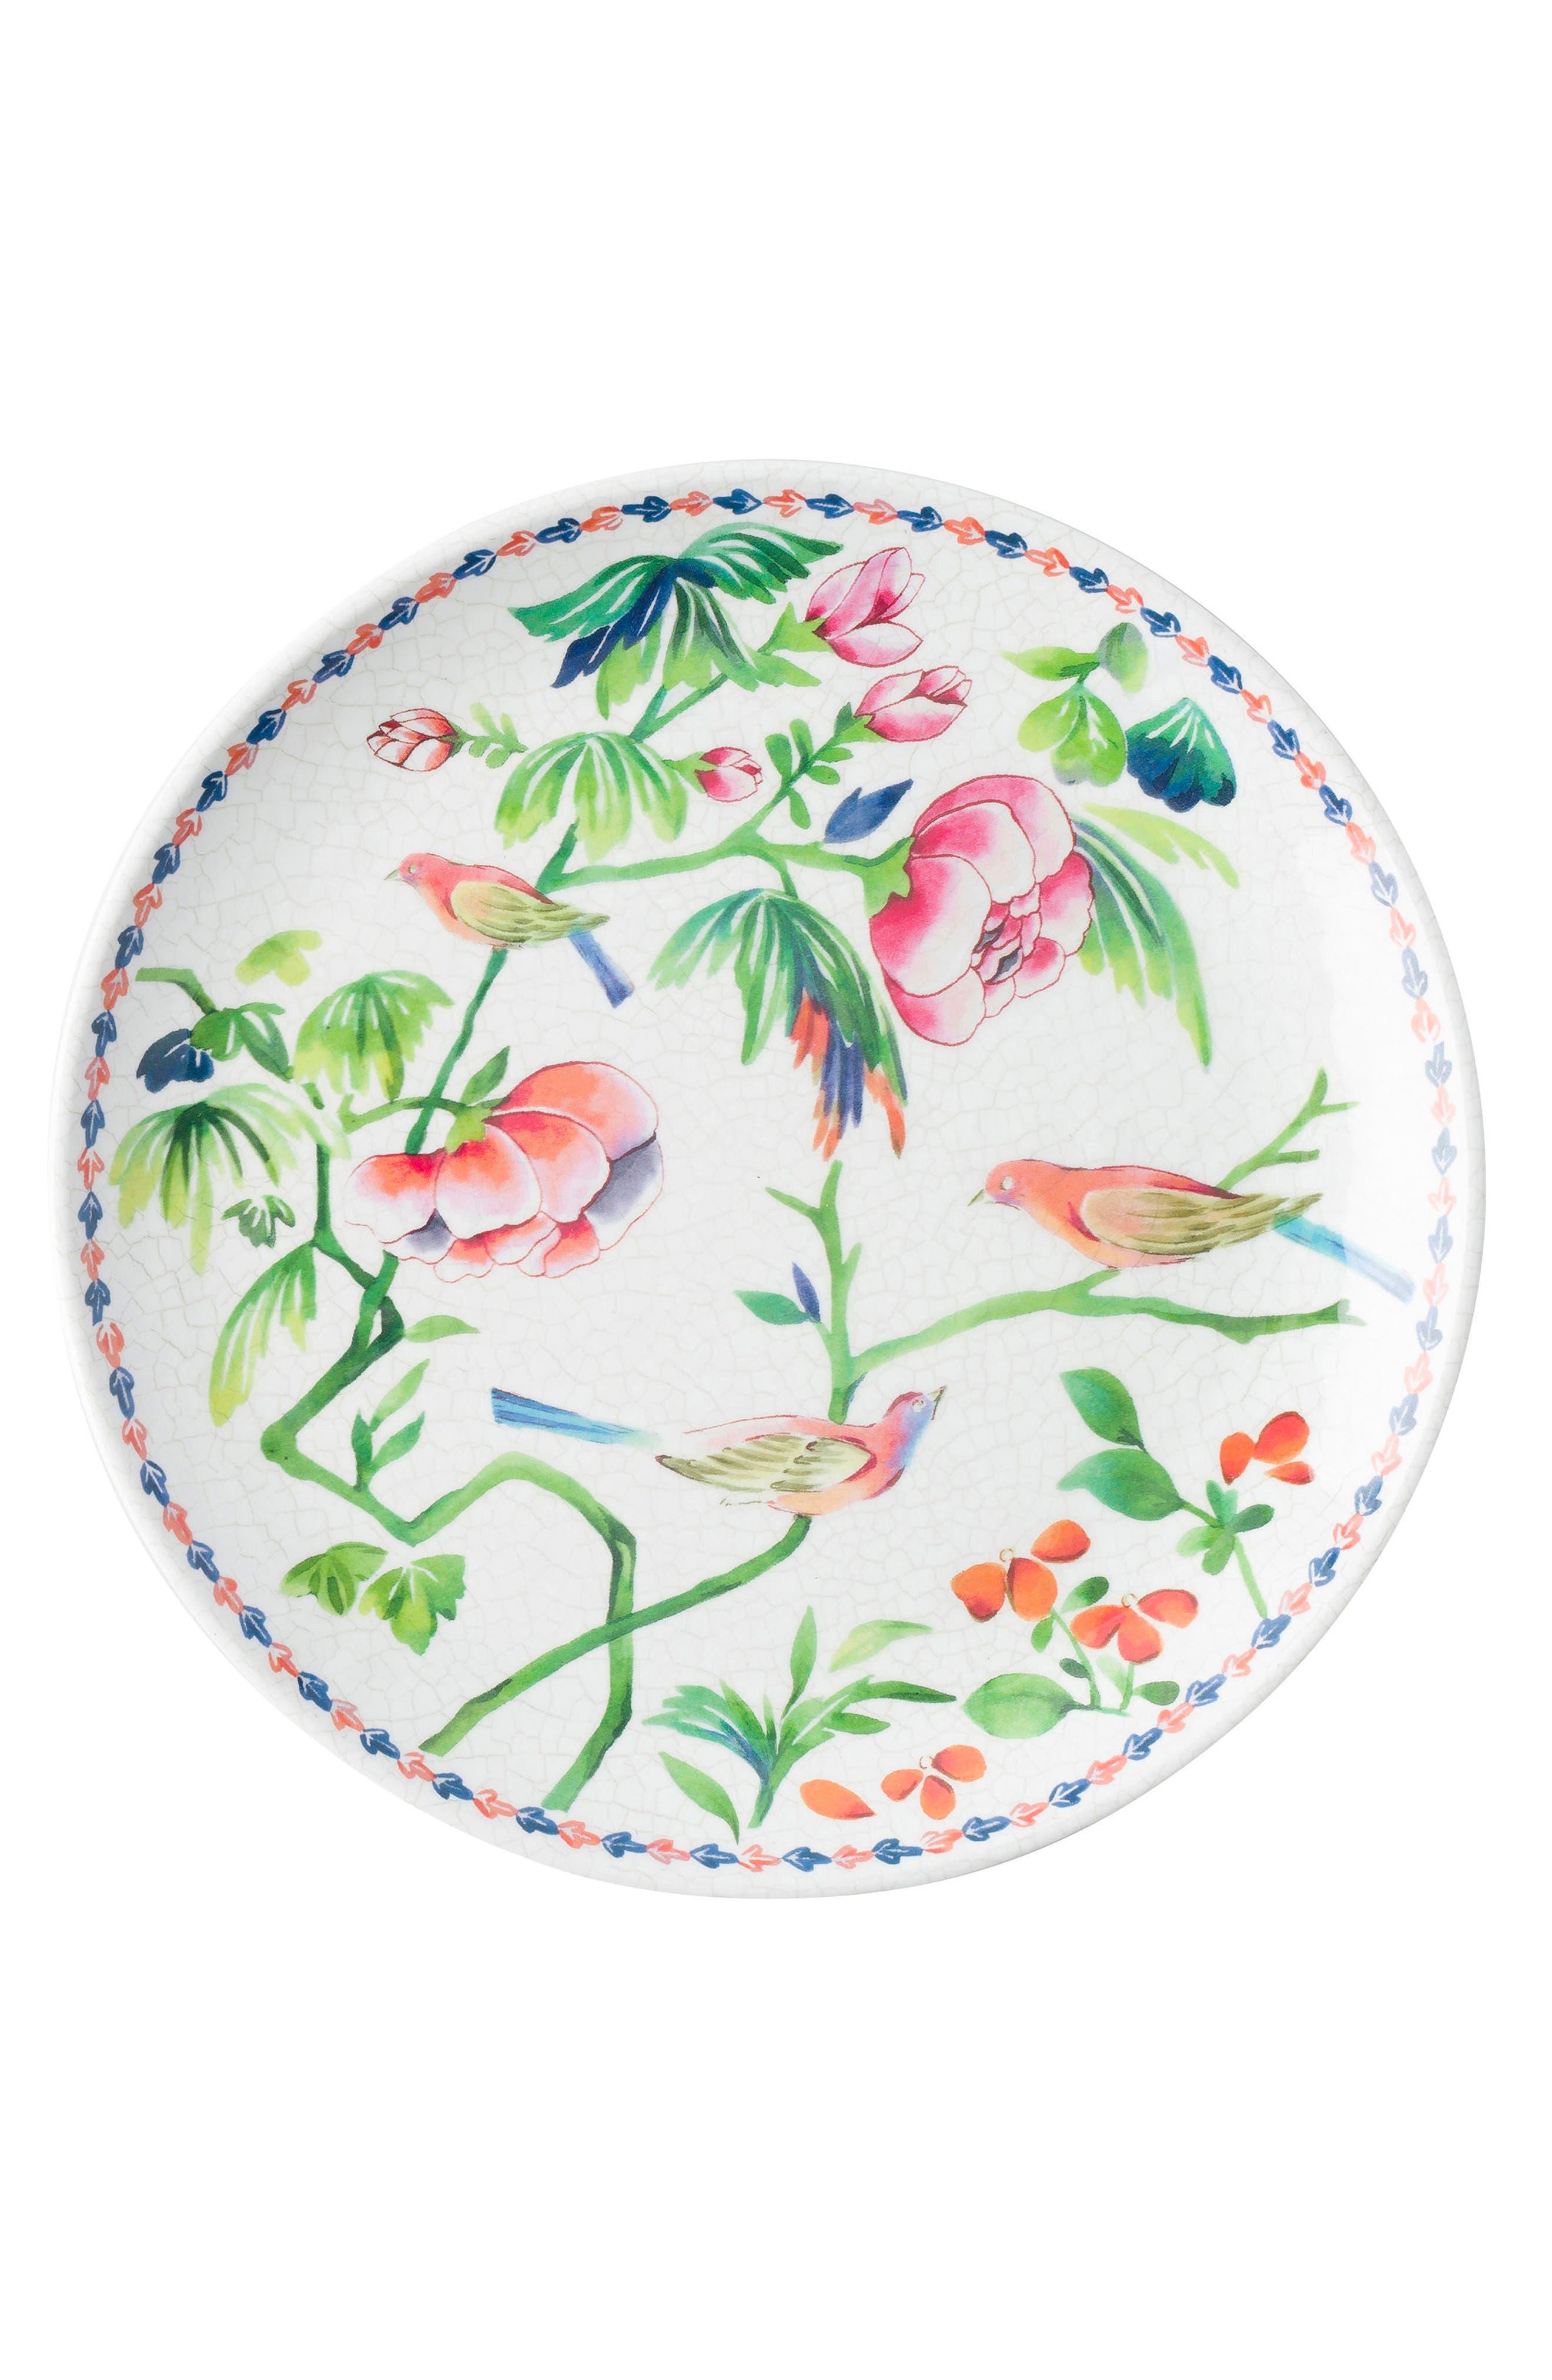 Juliska Lalana Floral Melamine Dessert Plate